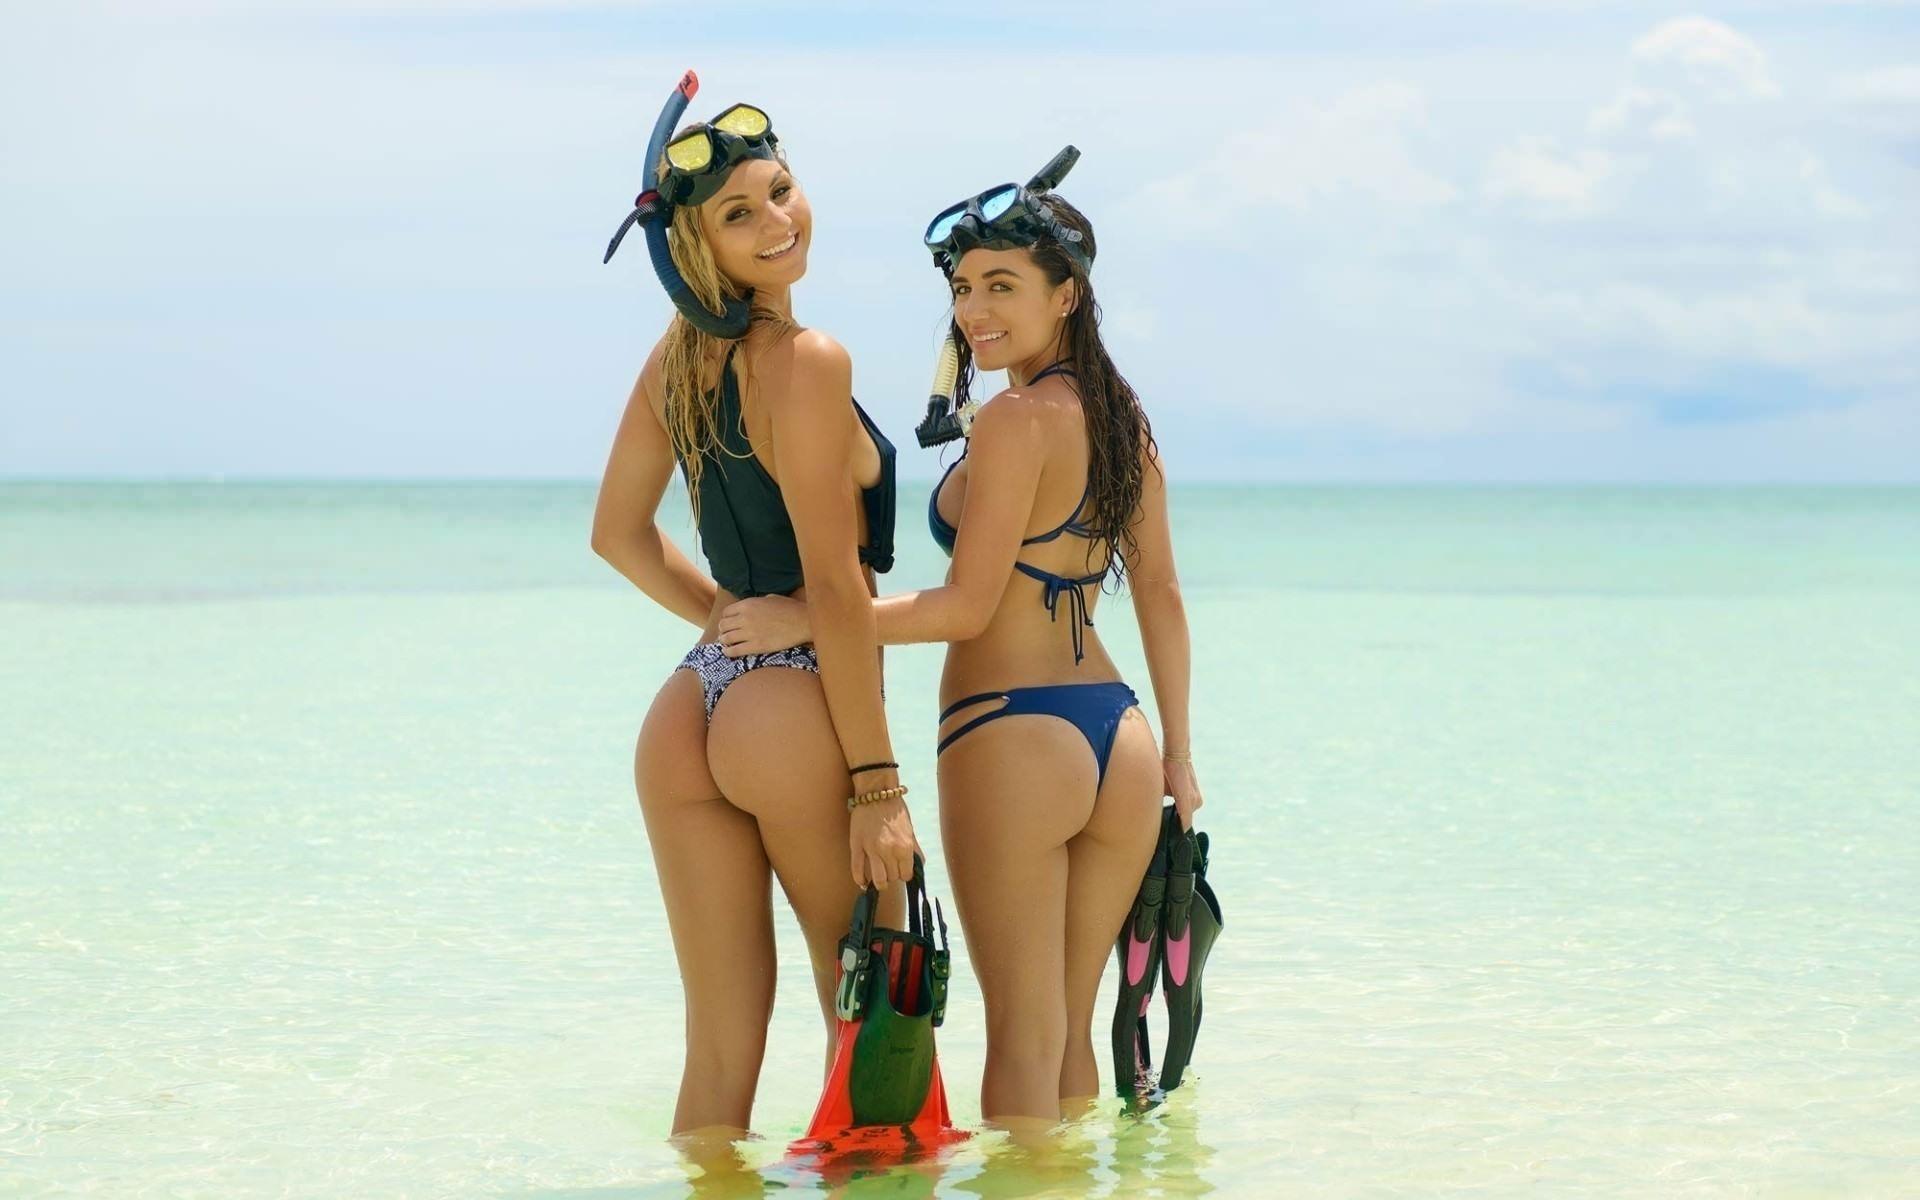 Фото Две девушки в трусиках, дайверши, по колено в воде, море, скачать картинку бесплатно